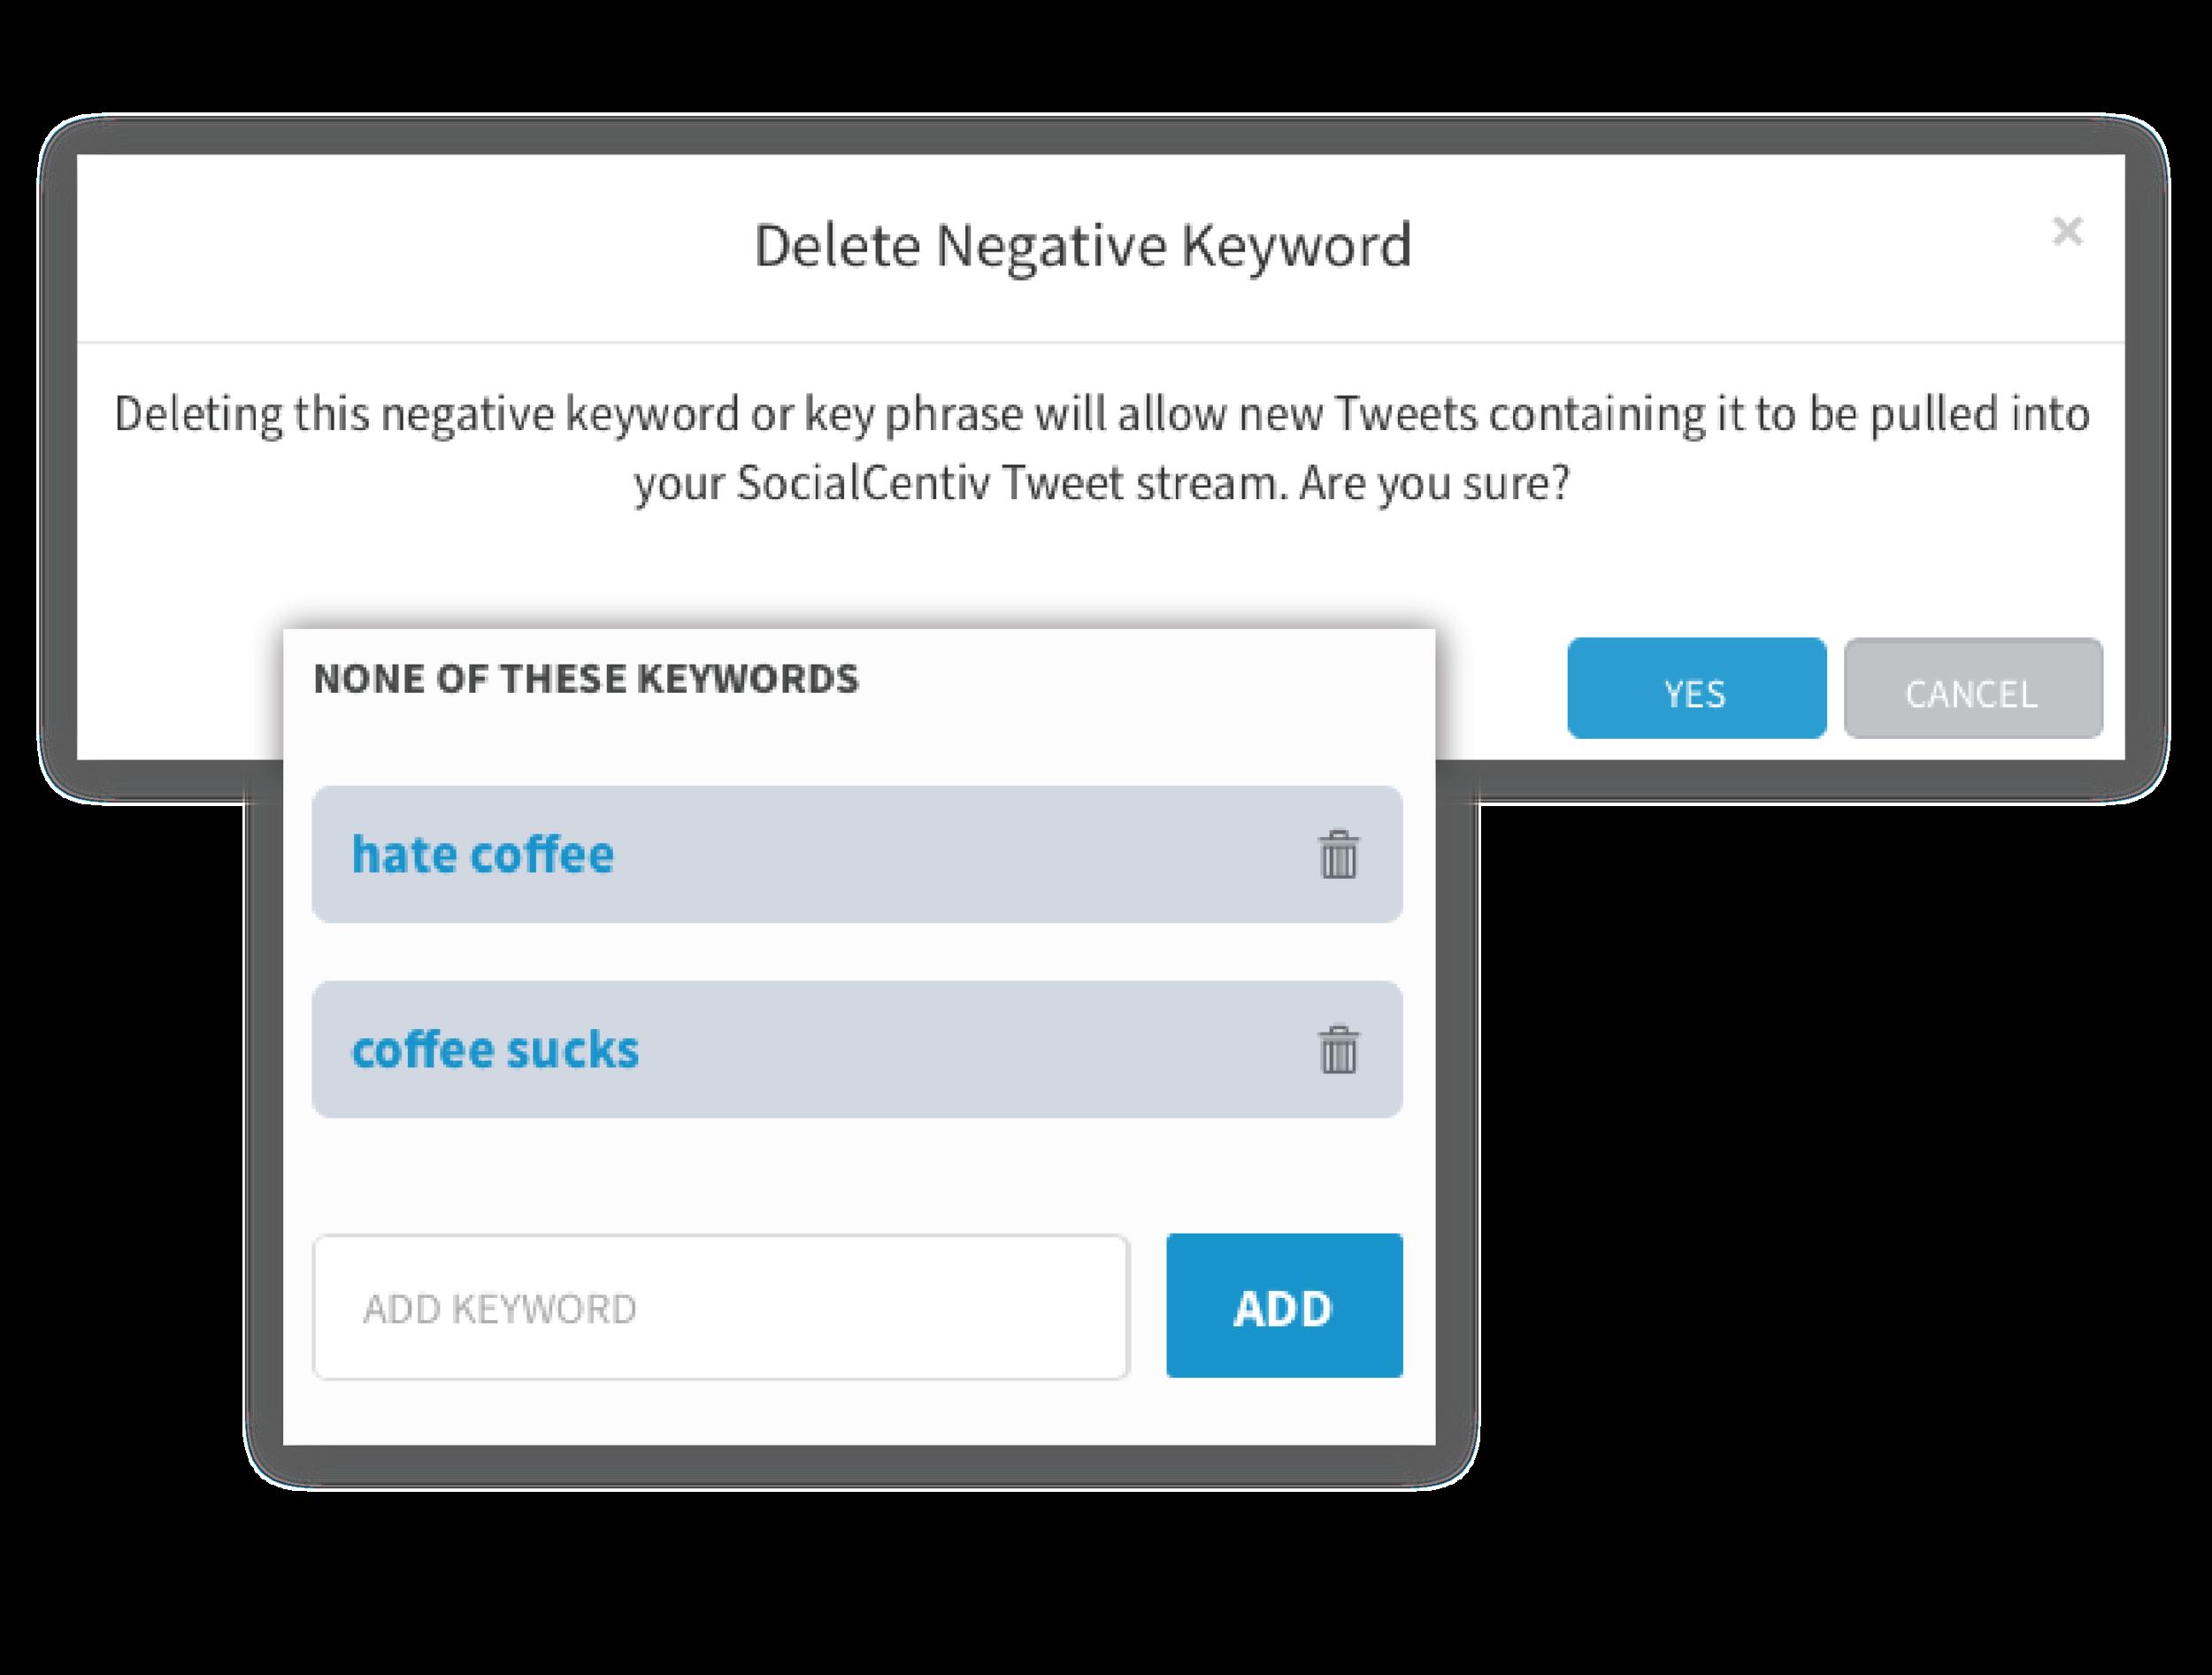 socialcentiv-negative-keywrds-01